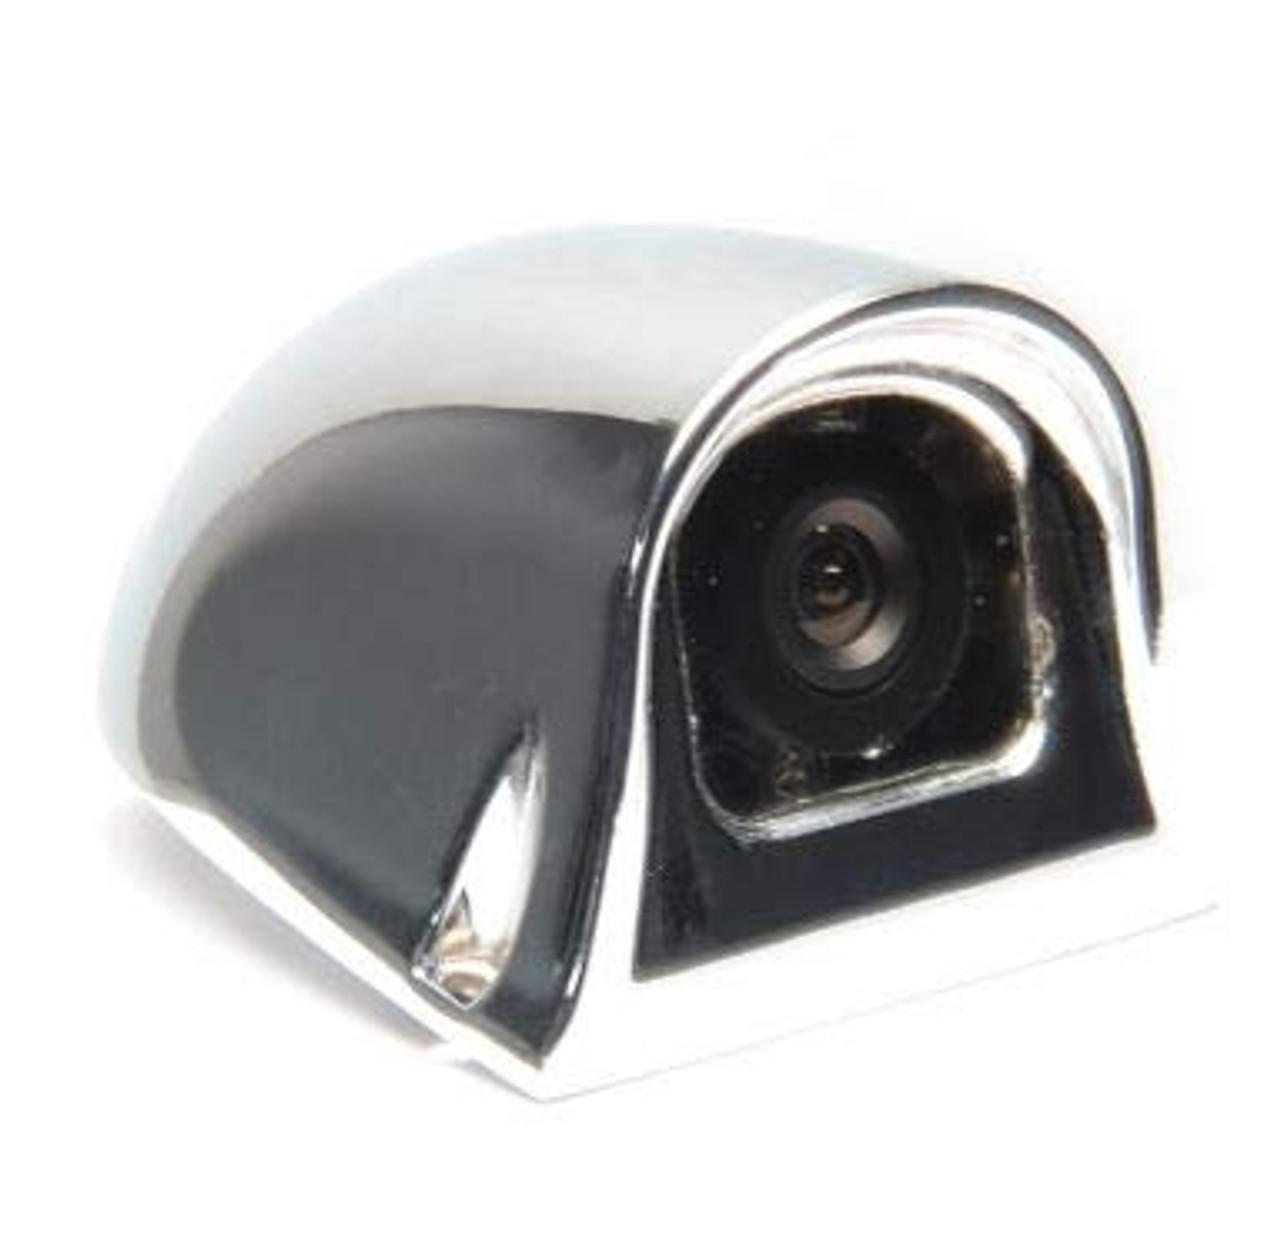 120° Side Camera (Chrome) (RVS-775-C)